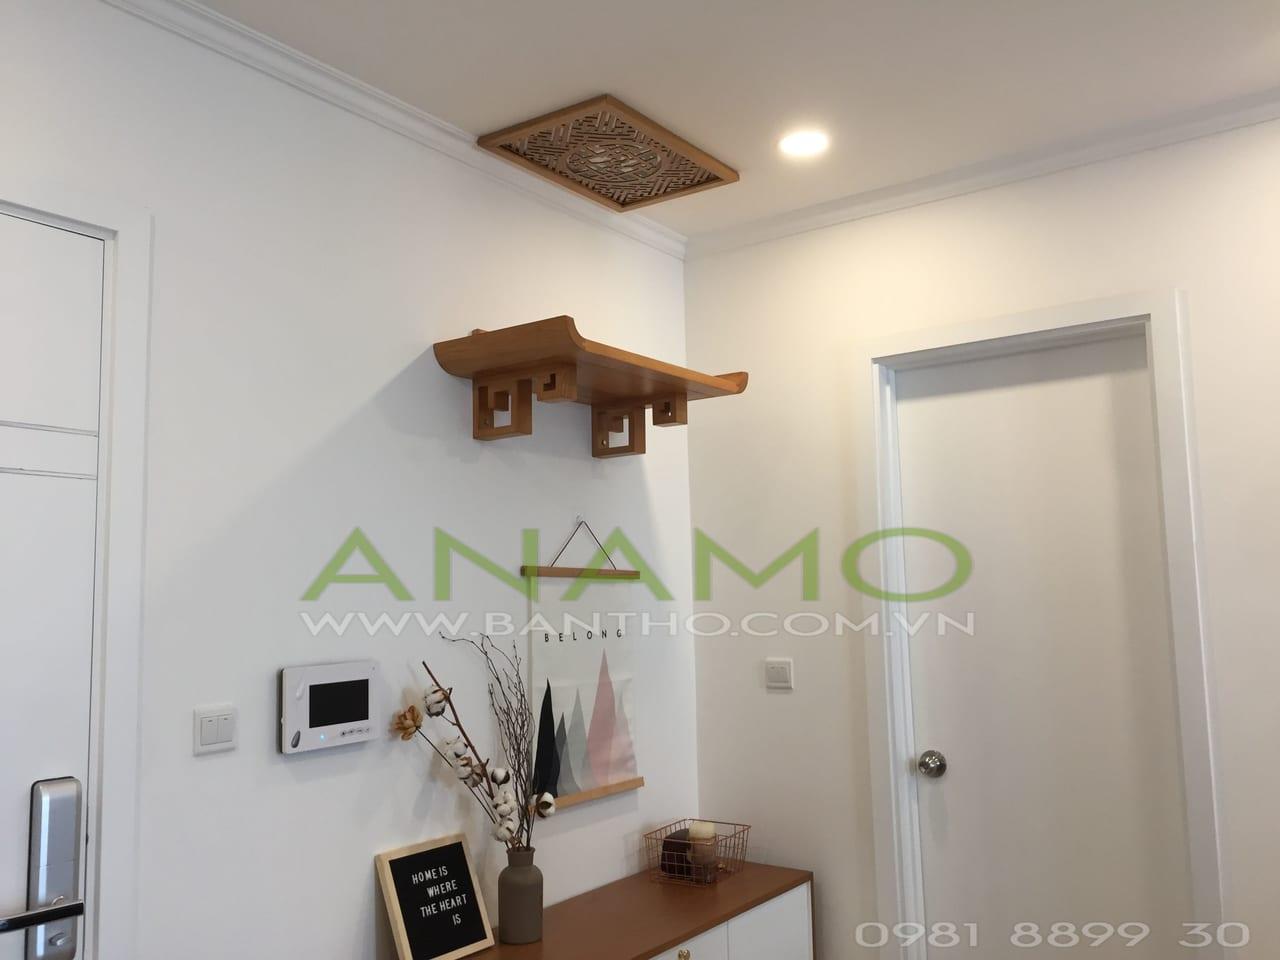 bàn thờ treo tường ANAMO có màu sắc phù hợp với chung cư